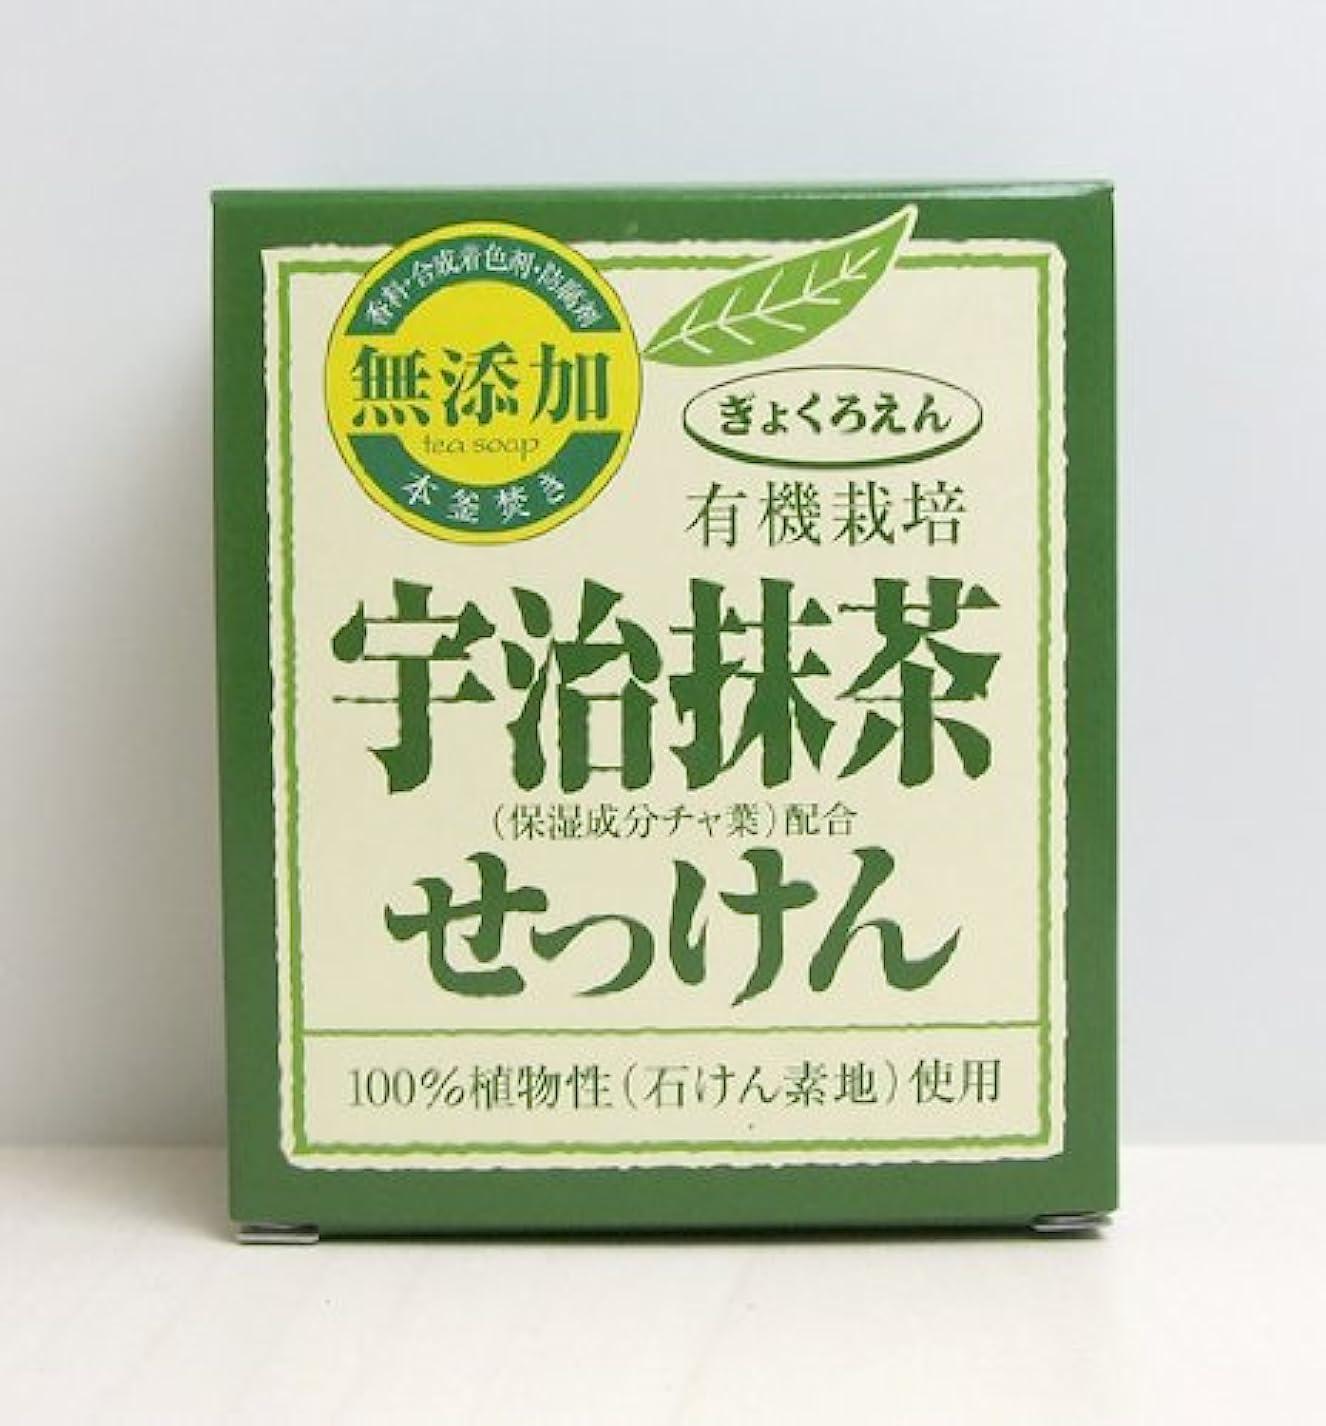 壊すファントム開拓者お茶のせっけん:有機栽培宇治抹茶せっけん